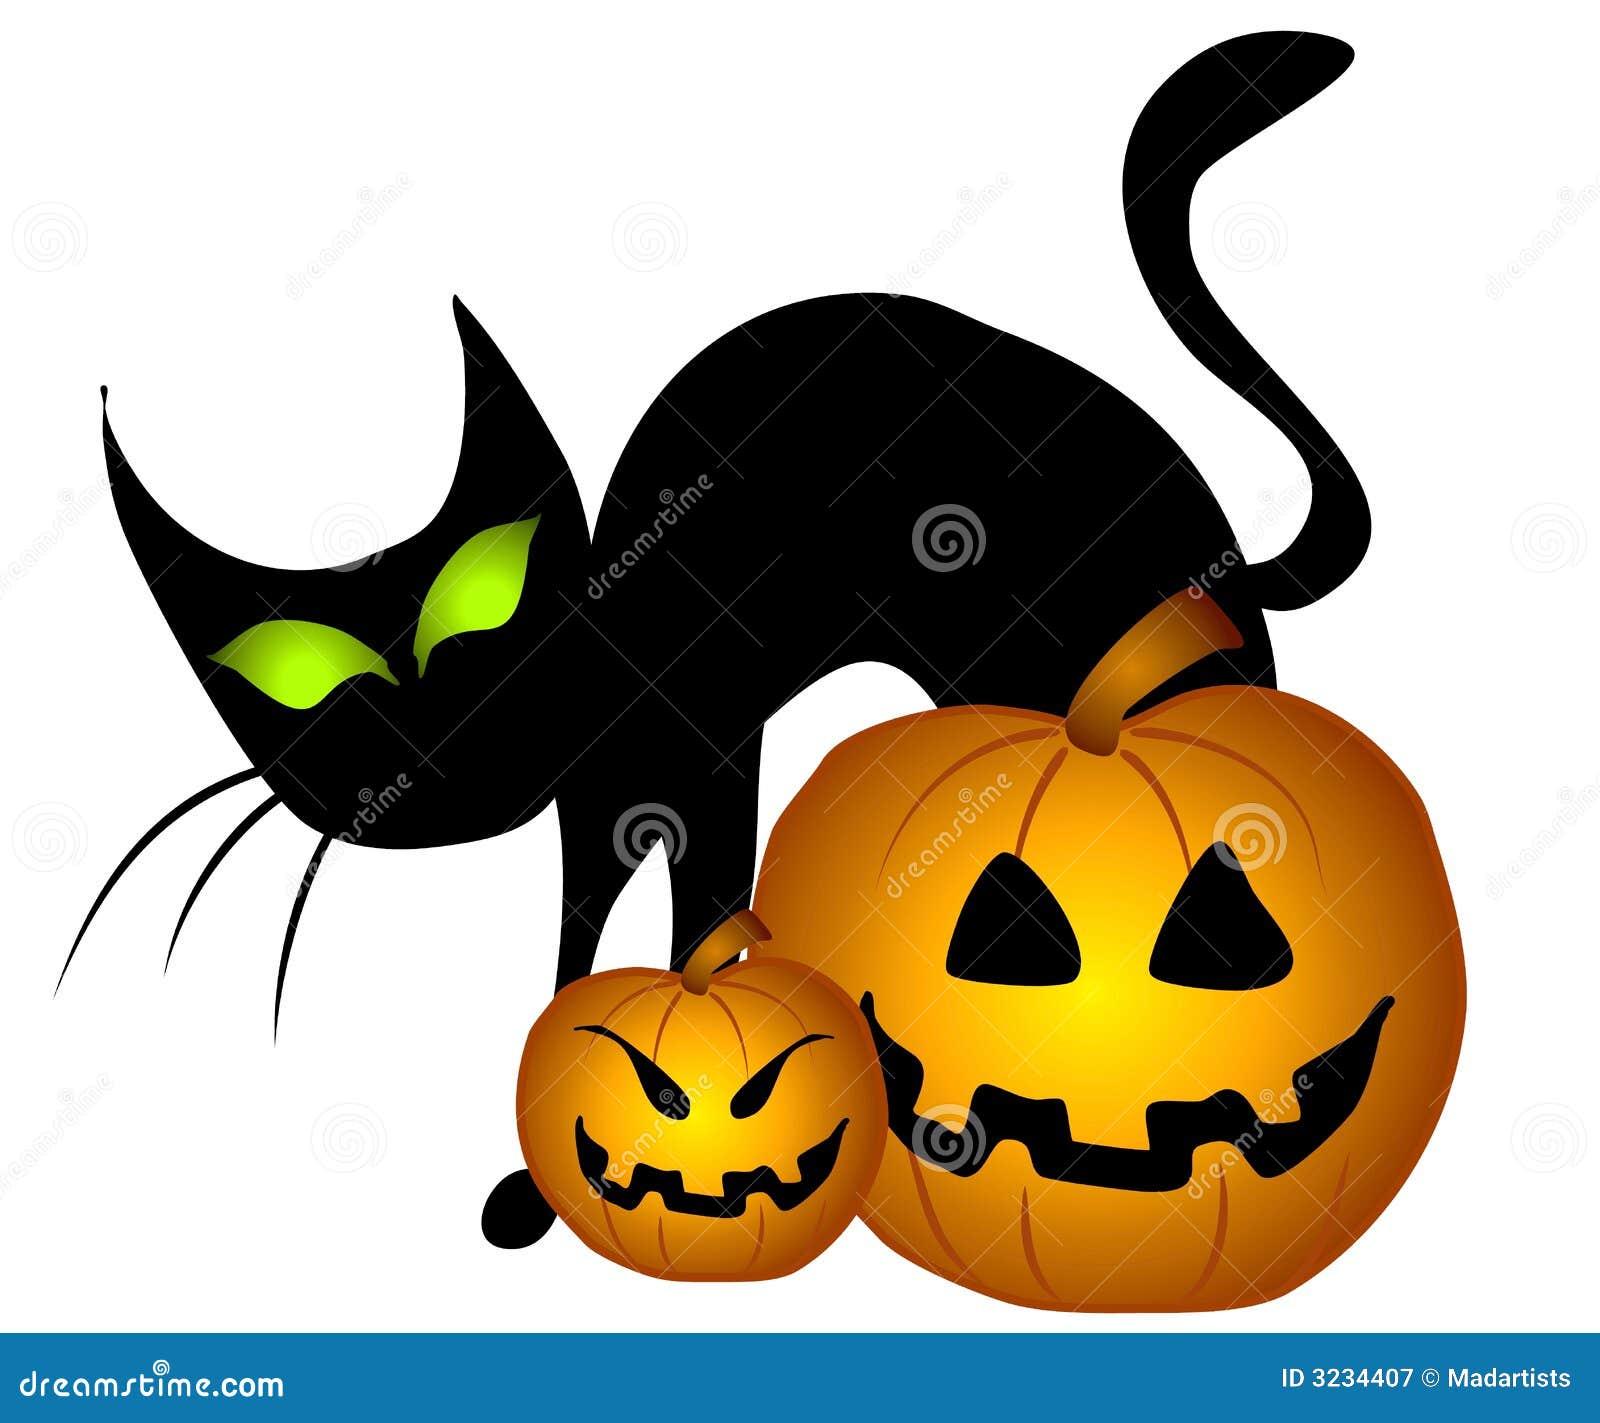 disegni halloween zucca con gatto nero